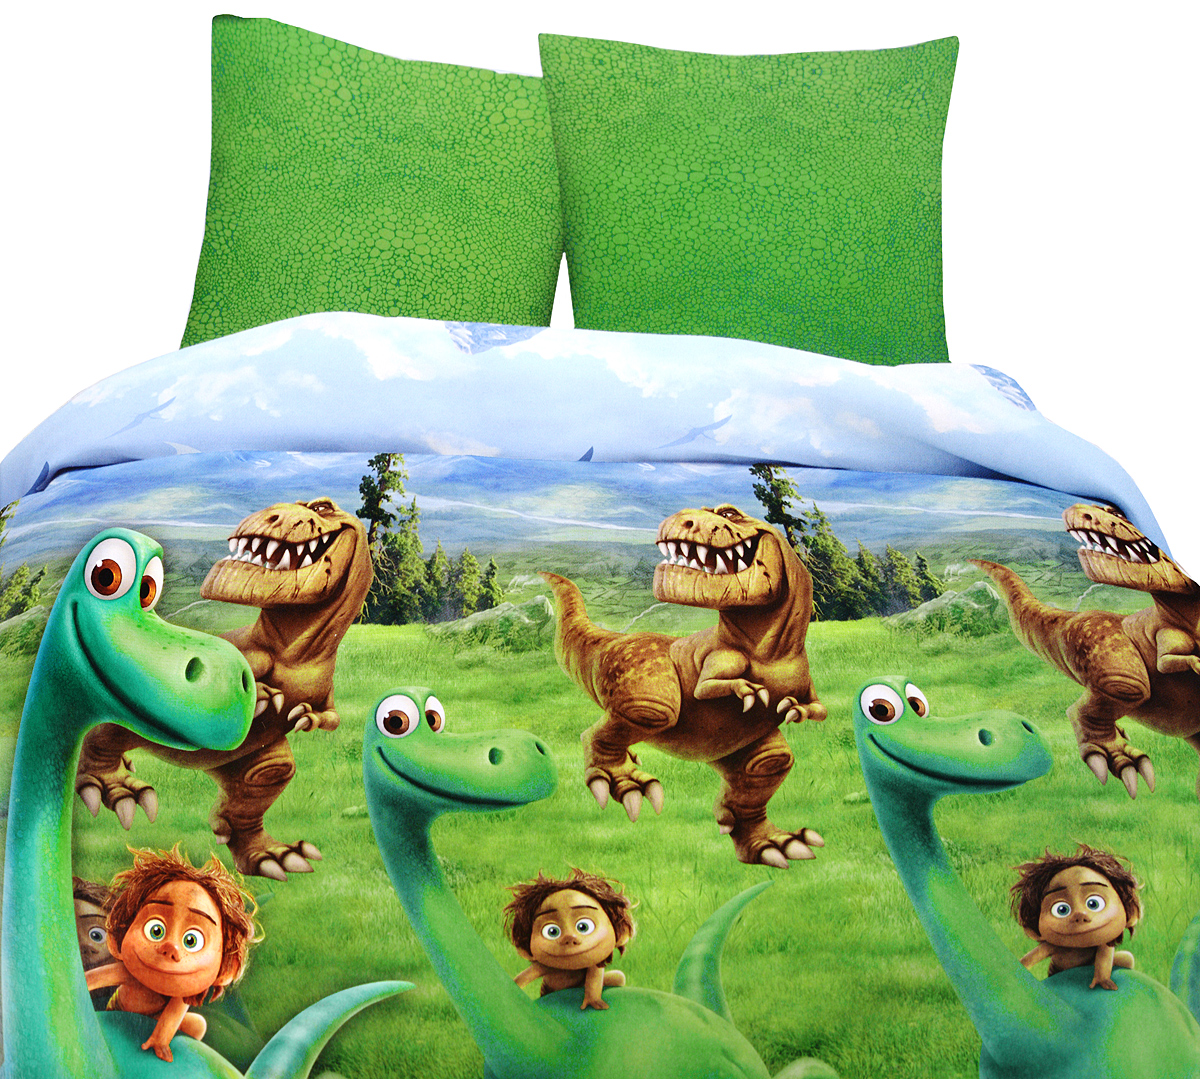 Хороший динозавр Комплект детского постельного белья Динозавр 1,5-спальный10503Комплект детского постельного белья Хороший динозавр Динозавр, состоящий из наволочки, простыни и пододеяльника, выполнен из натурального 100% хлопка. Пододеяльник оформлен рисунком в виде героев мультфильма Хороший Динозавр. Хлопок - это натуральный материал, который не раздражает даже самую нежную и чувствительную кожу малыша, не вызывает аллергии и хорошо вентилируется. Такой комплект идеально подойдет для кроватки вашего малыша. На нем ребенок будет спать здоровым и крепким сном.